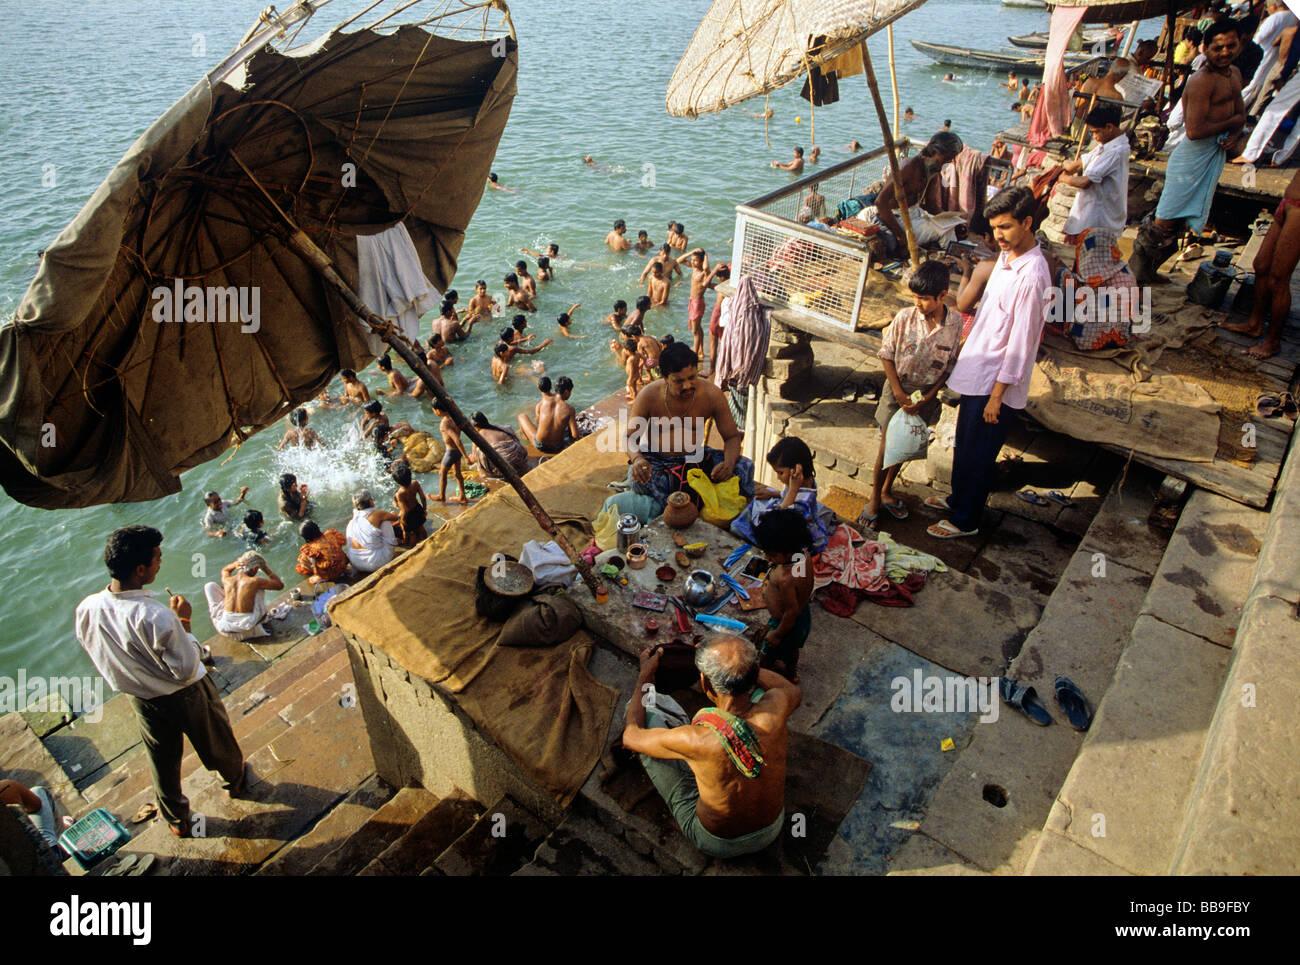 Los religiosos bañarse en el río Ganga ghat de Varanasi, la ciudad del estado de Uttar Pradesh, India Imagen De Stock